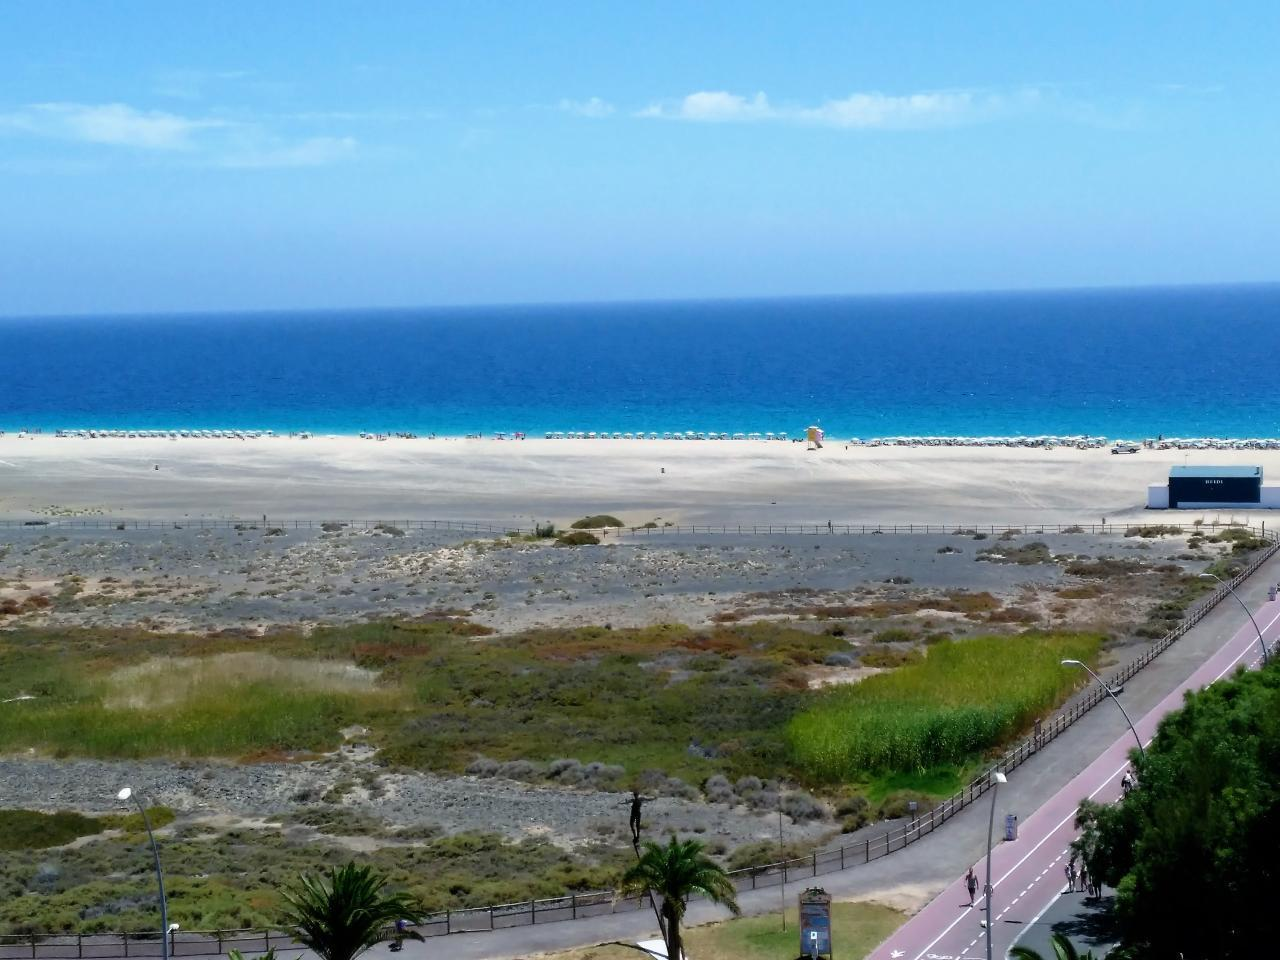 Ferienwohnung Apartment 2 / 4p am Strand und mit allen Dienstleistungen, mit Meerblick, Swimmingpools, a (487787), Morro Jable, Fuerteventura, Kanarische Inseln, Spanien, Bild 19